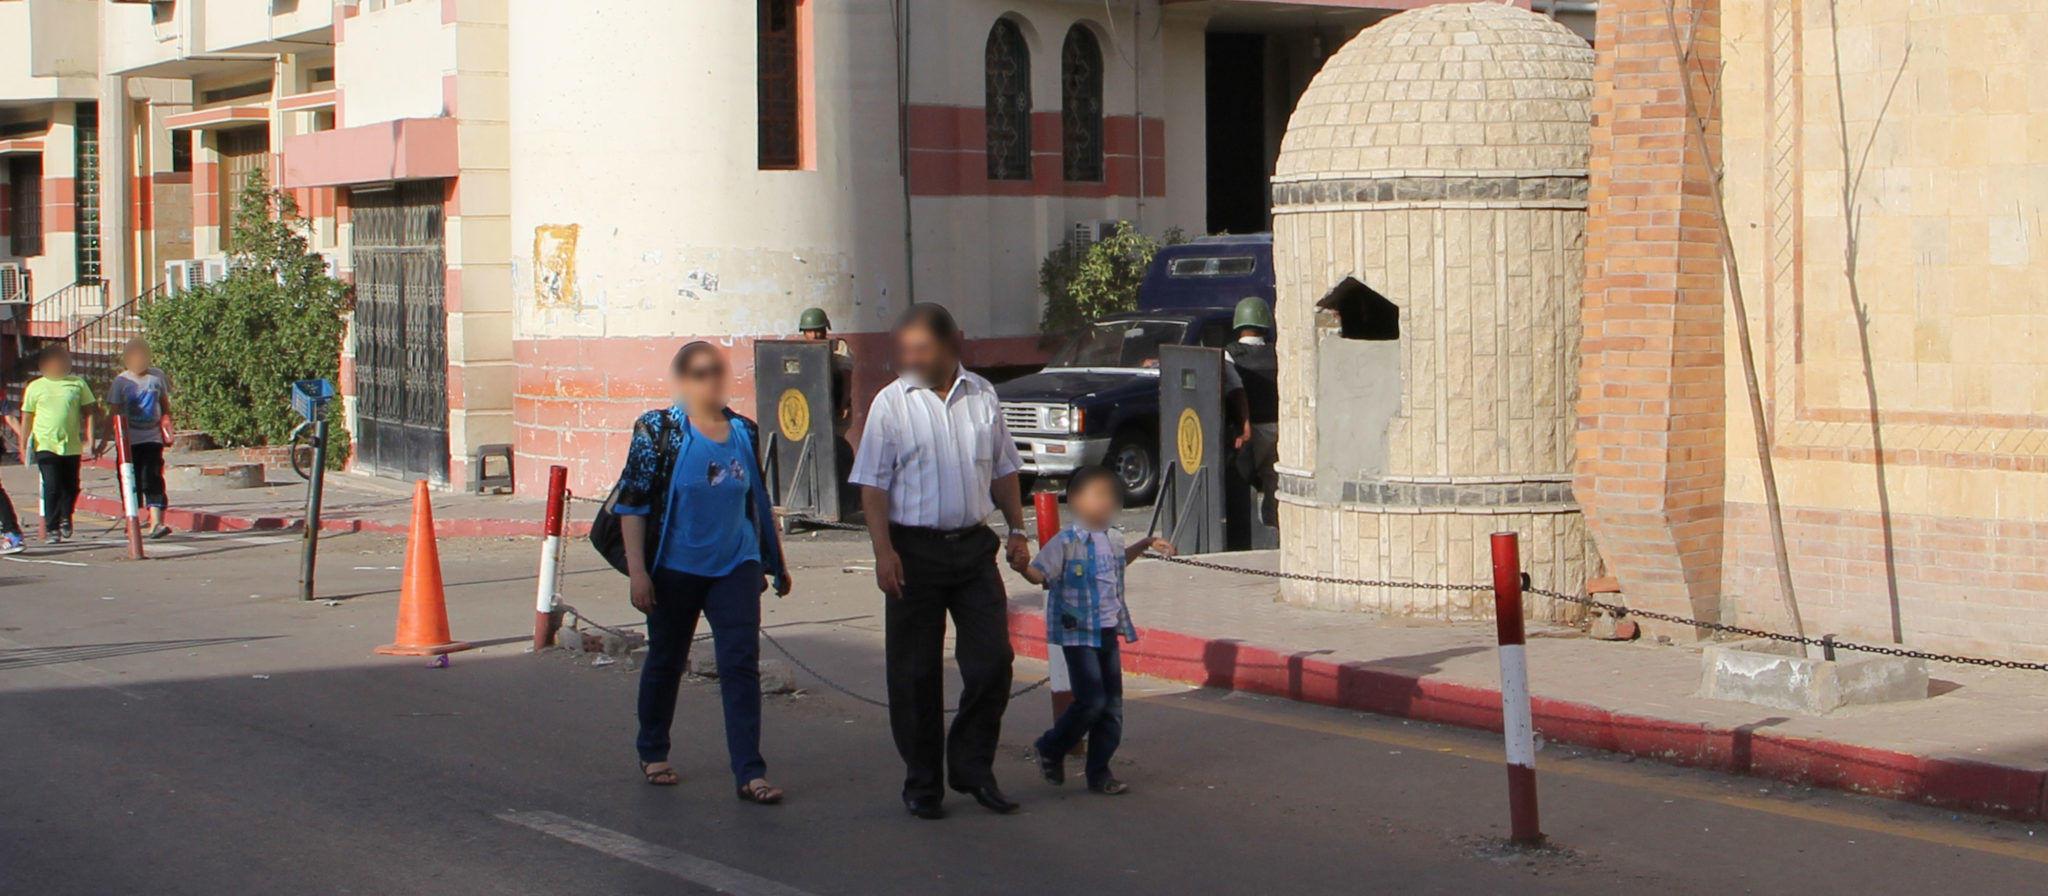 Eines der wenigen Bilder der Militärpolizei überall in Hurghada City